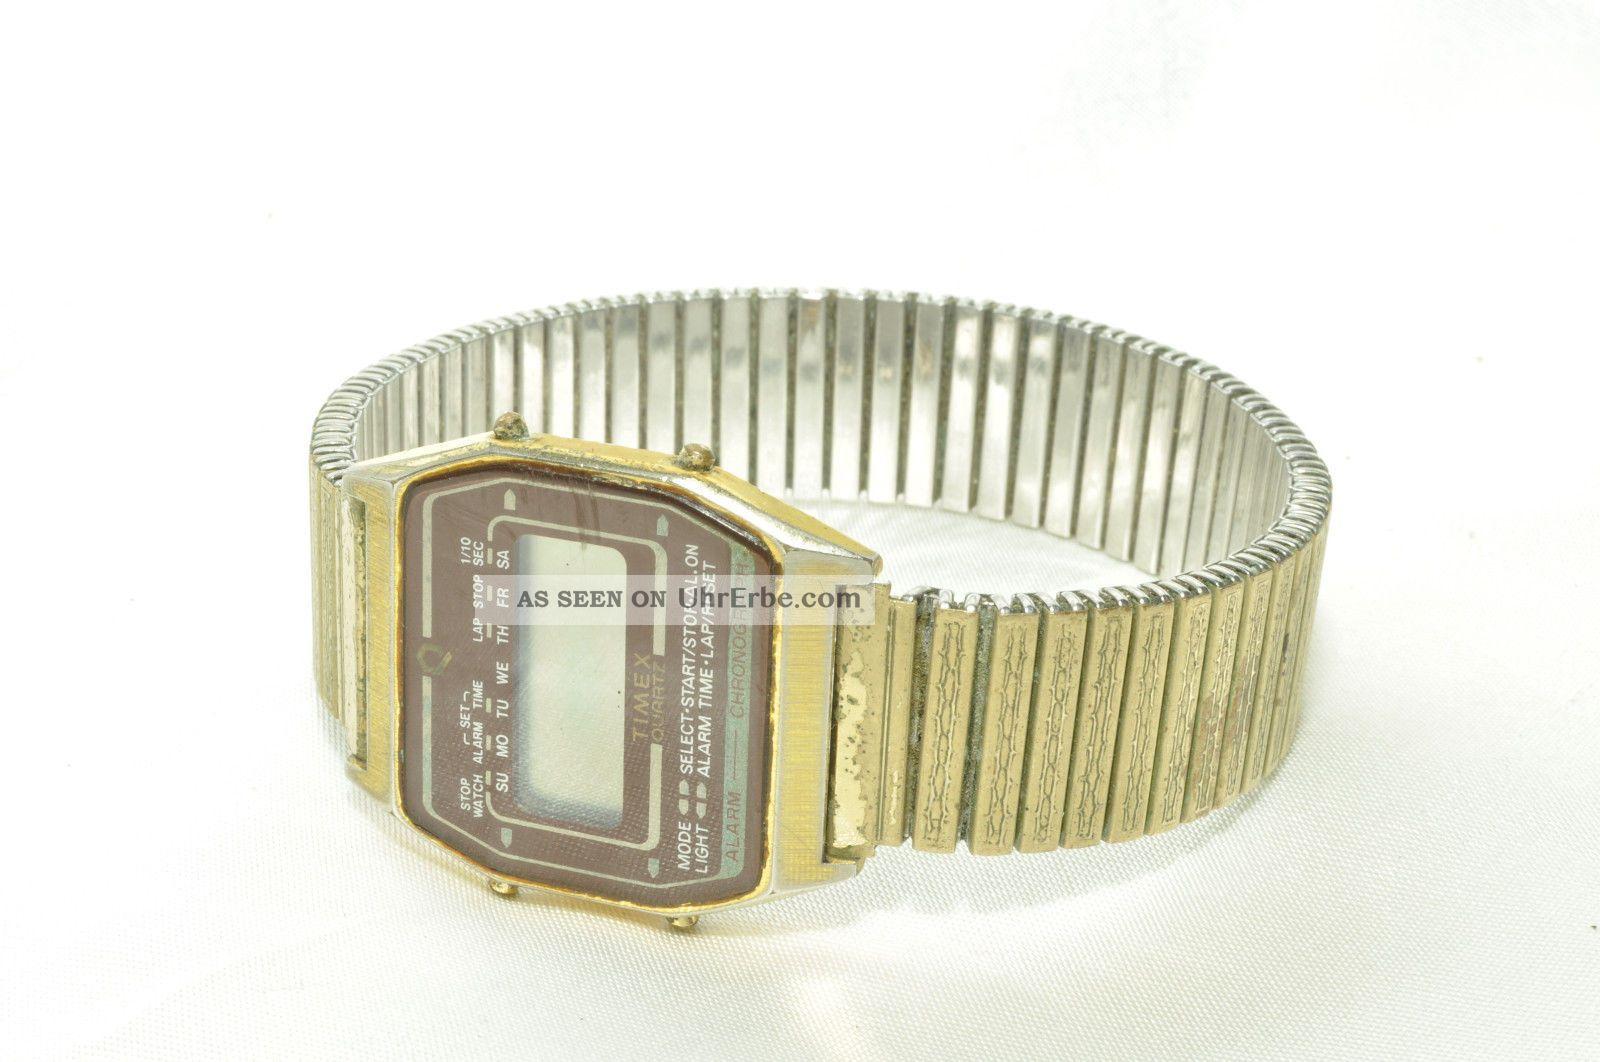 Vintage Timex Digital 11